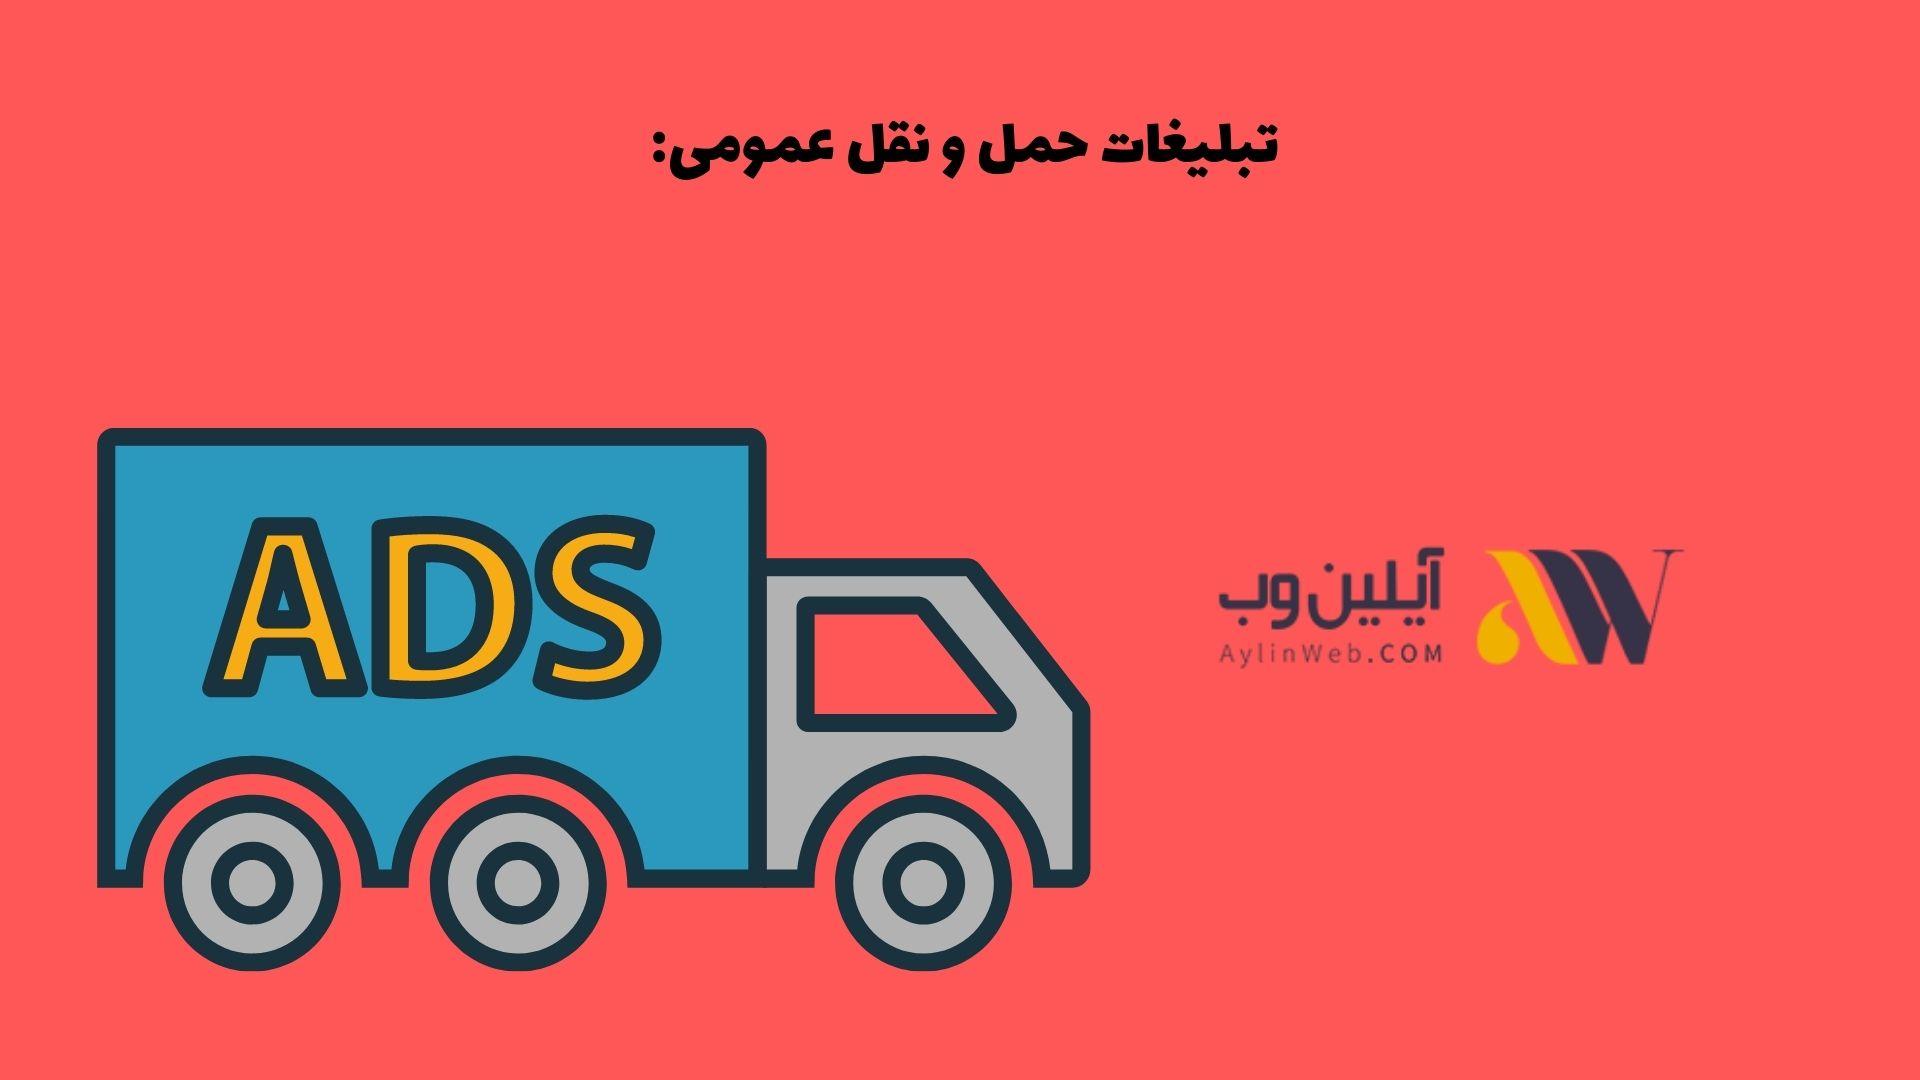 تبلیغات حمل و نقل عمومی: